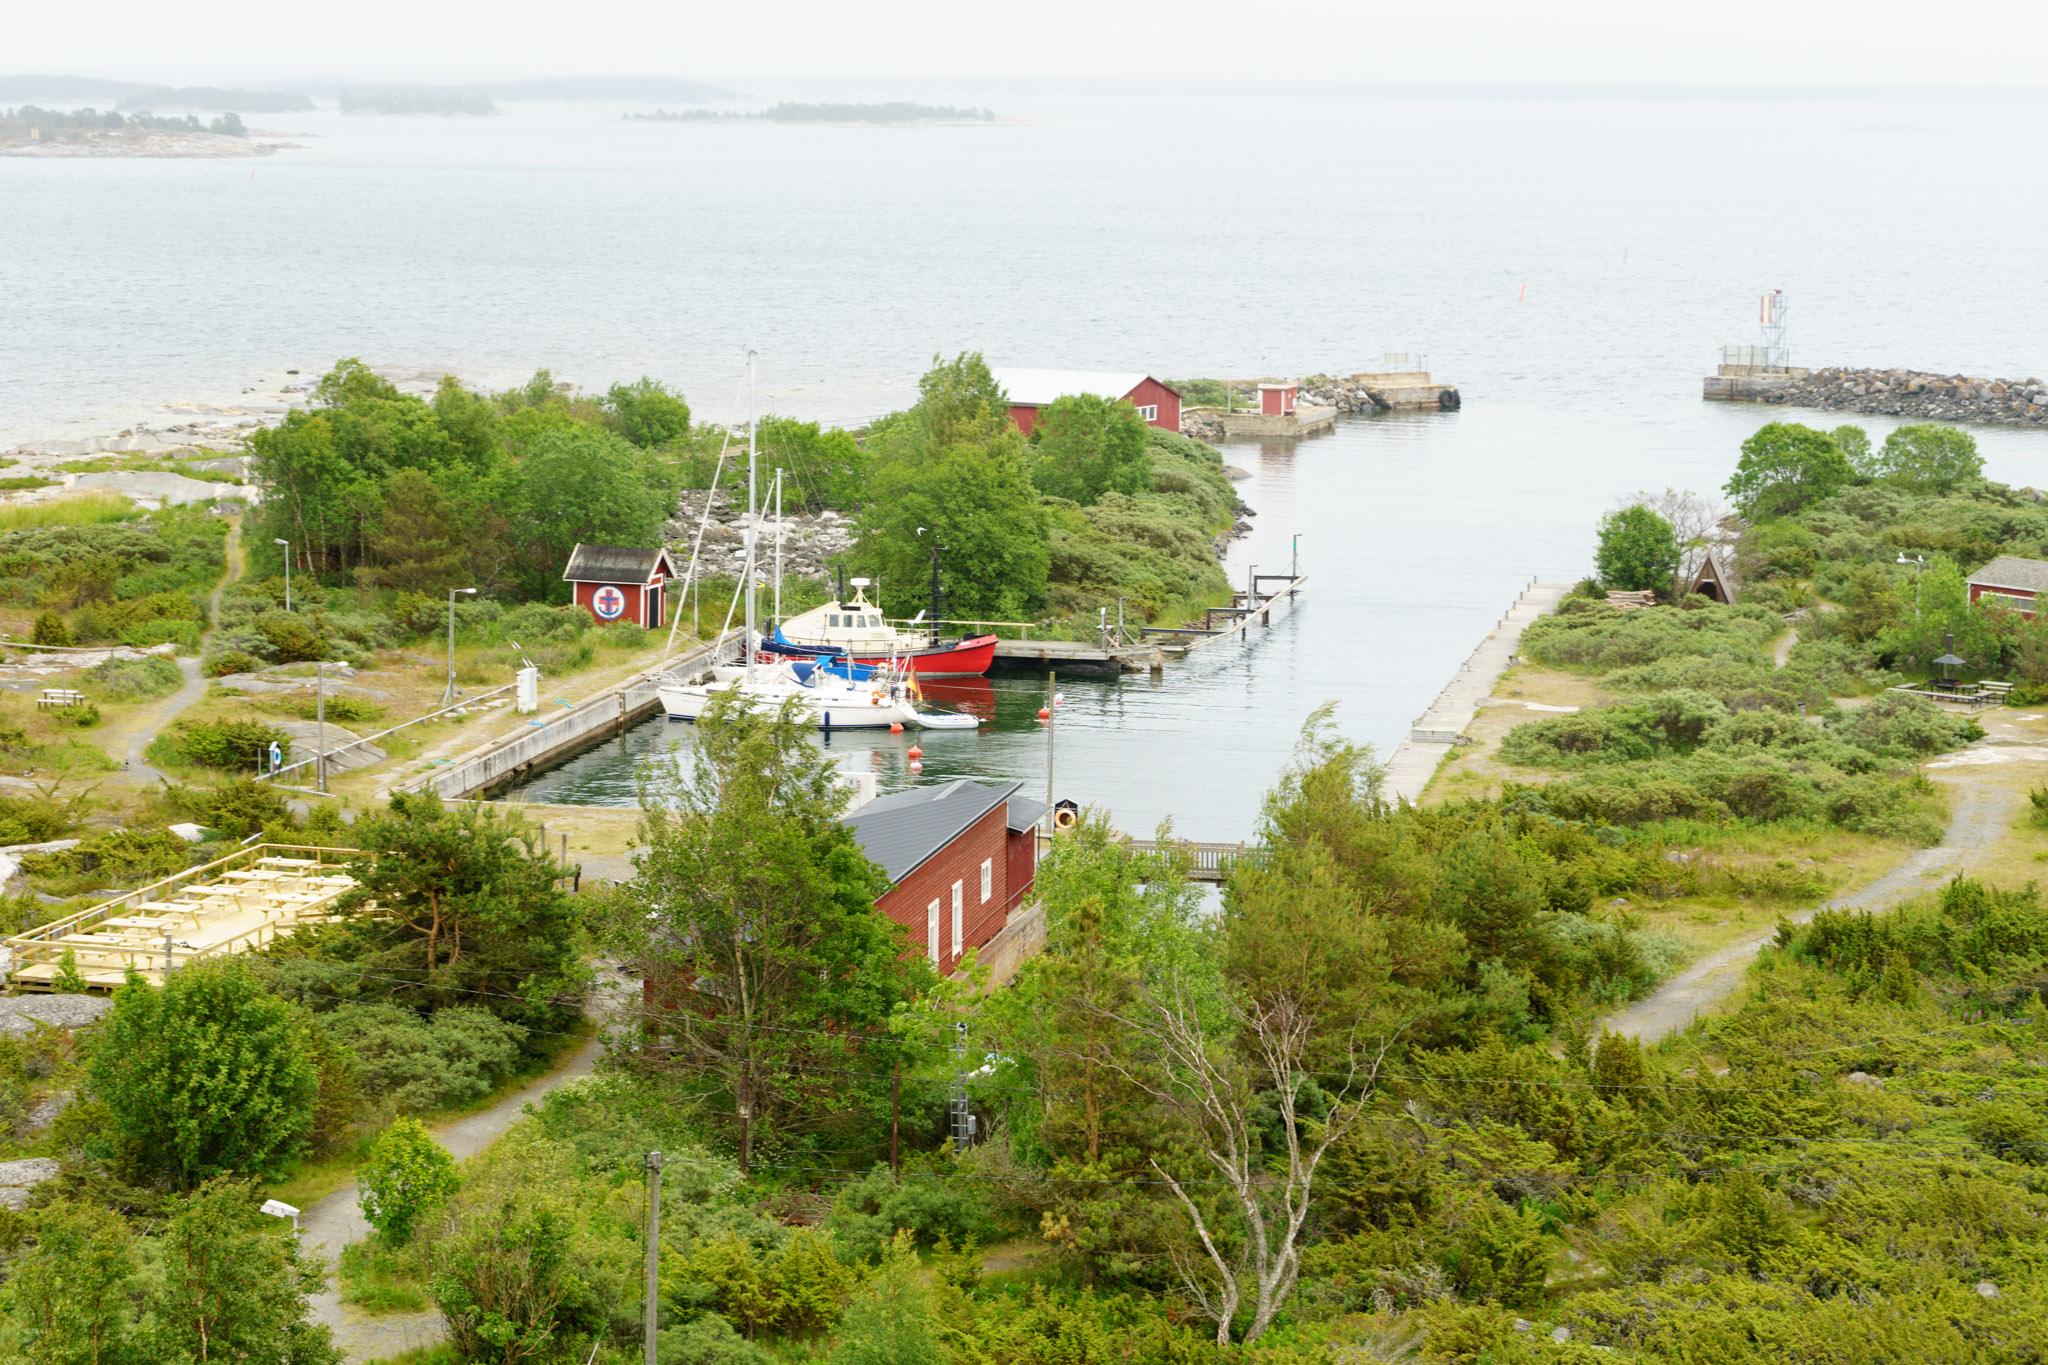 Hafen vom Leuchtturm aus gesehen